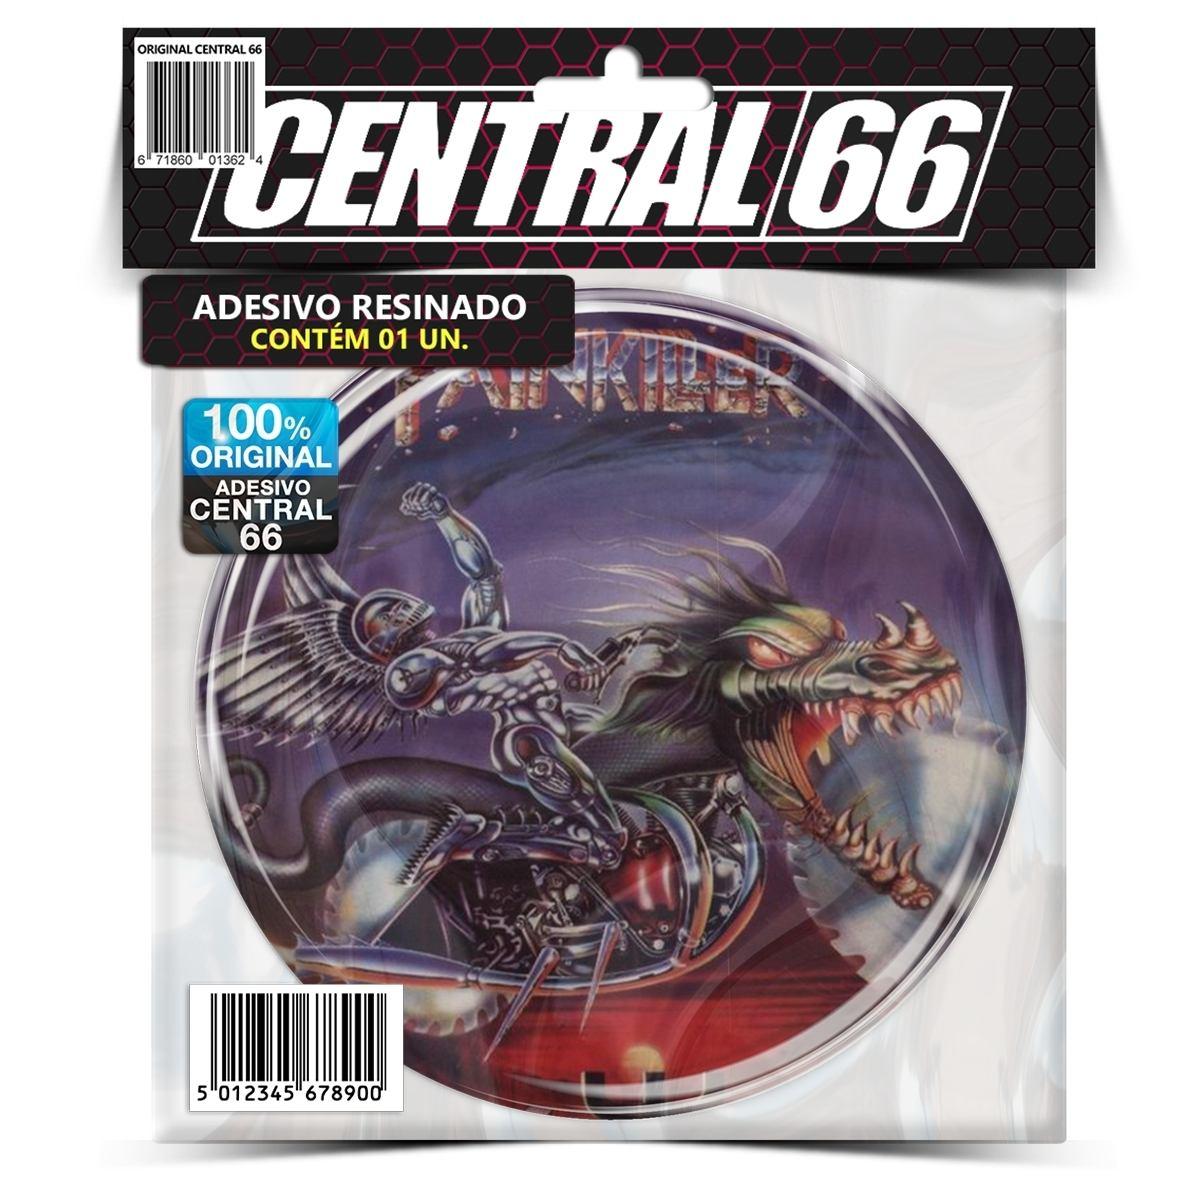 Adesivo Redondo Judas Priest Painkiller – Central 66